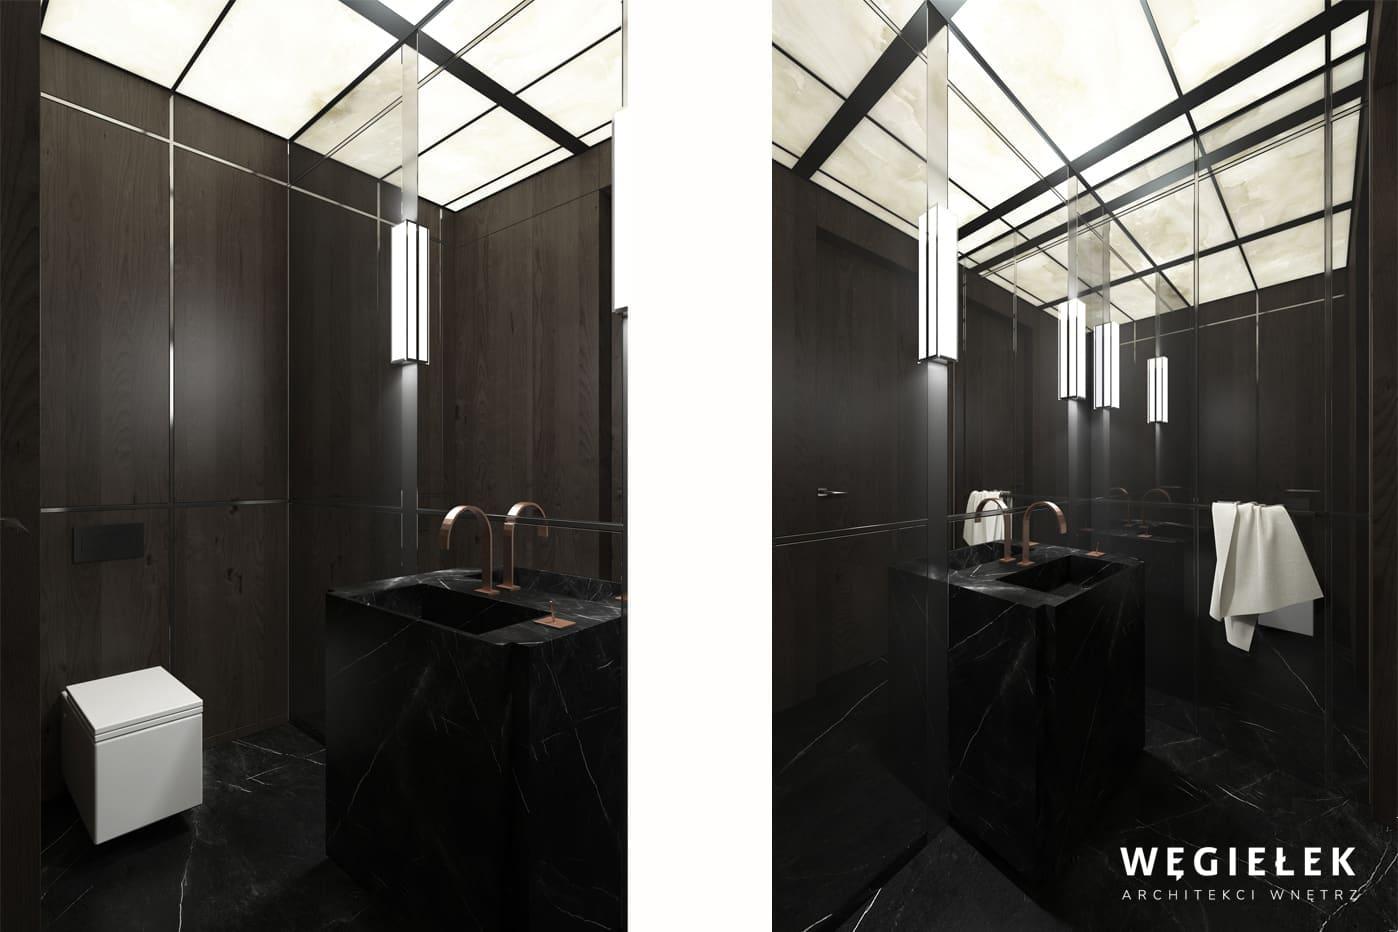 15 wc kamin sufit onyx